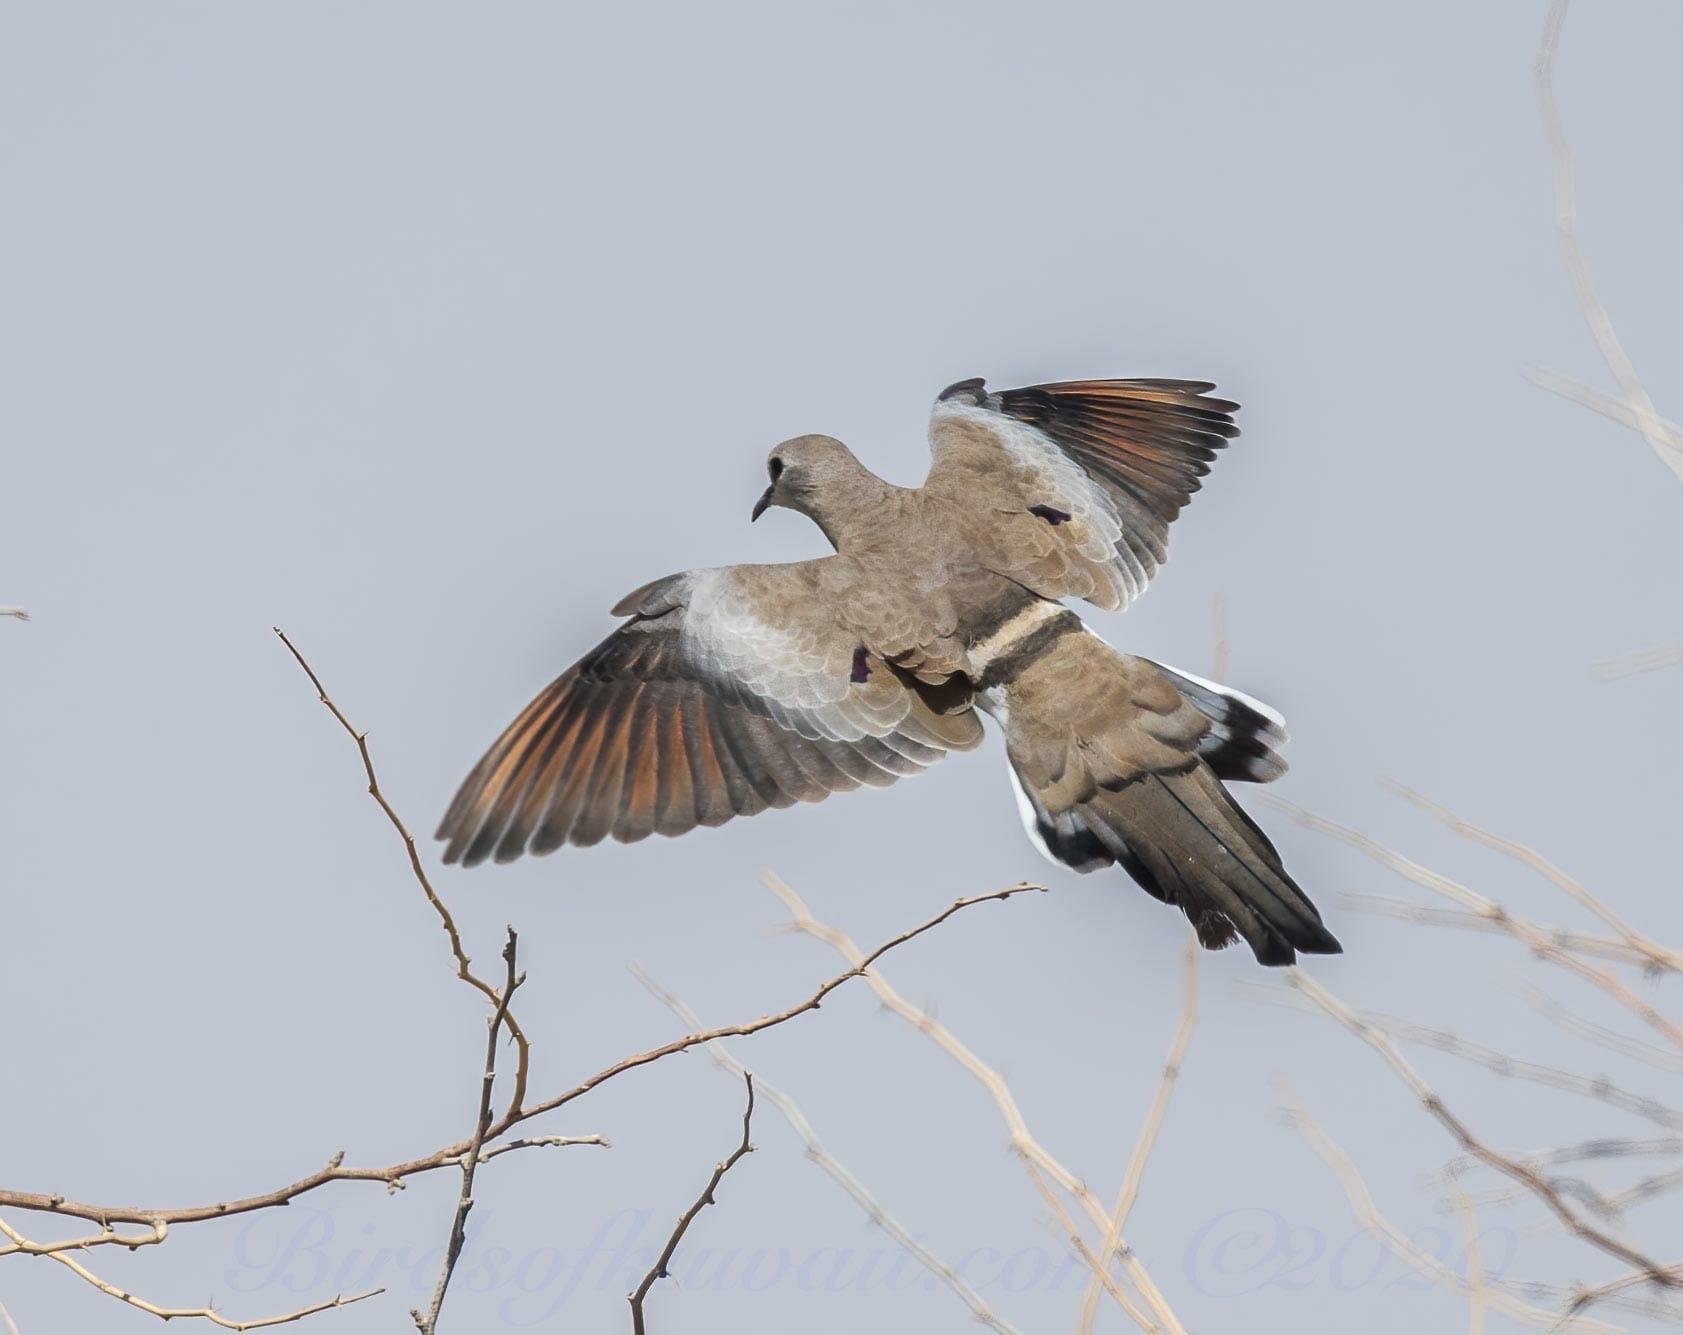 Namaqua Dove landing on dry branches